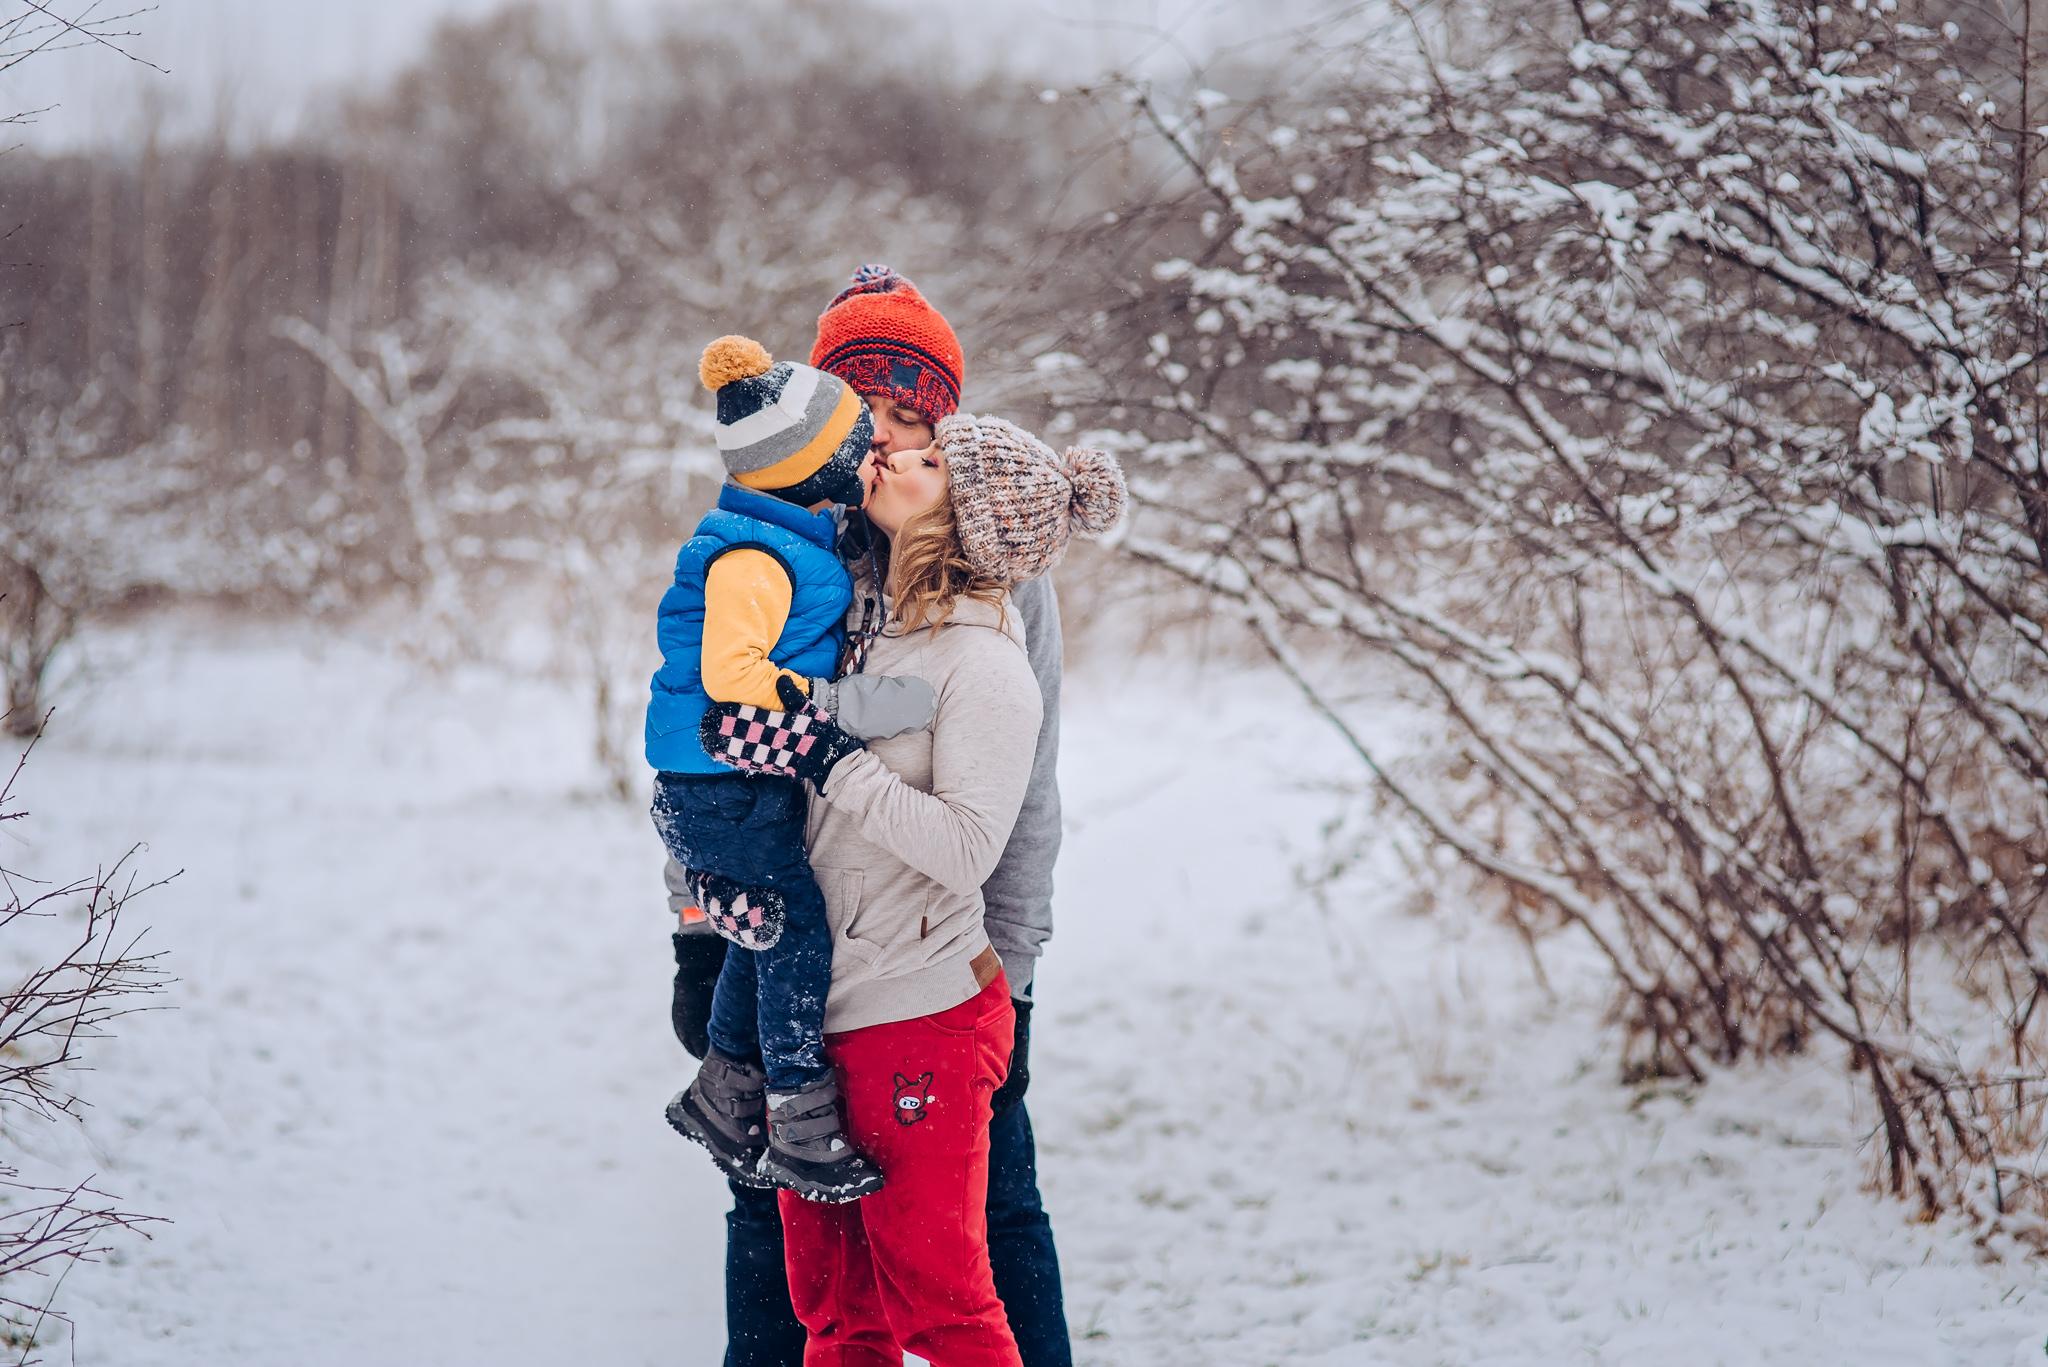 zimowa radosna sesja rodzinna warszawa wilanow